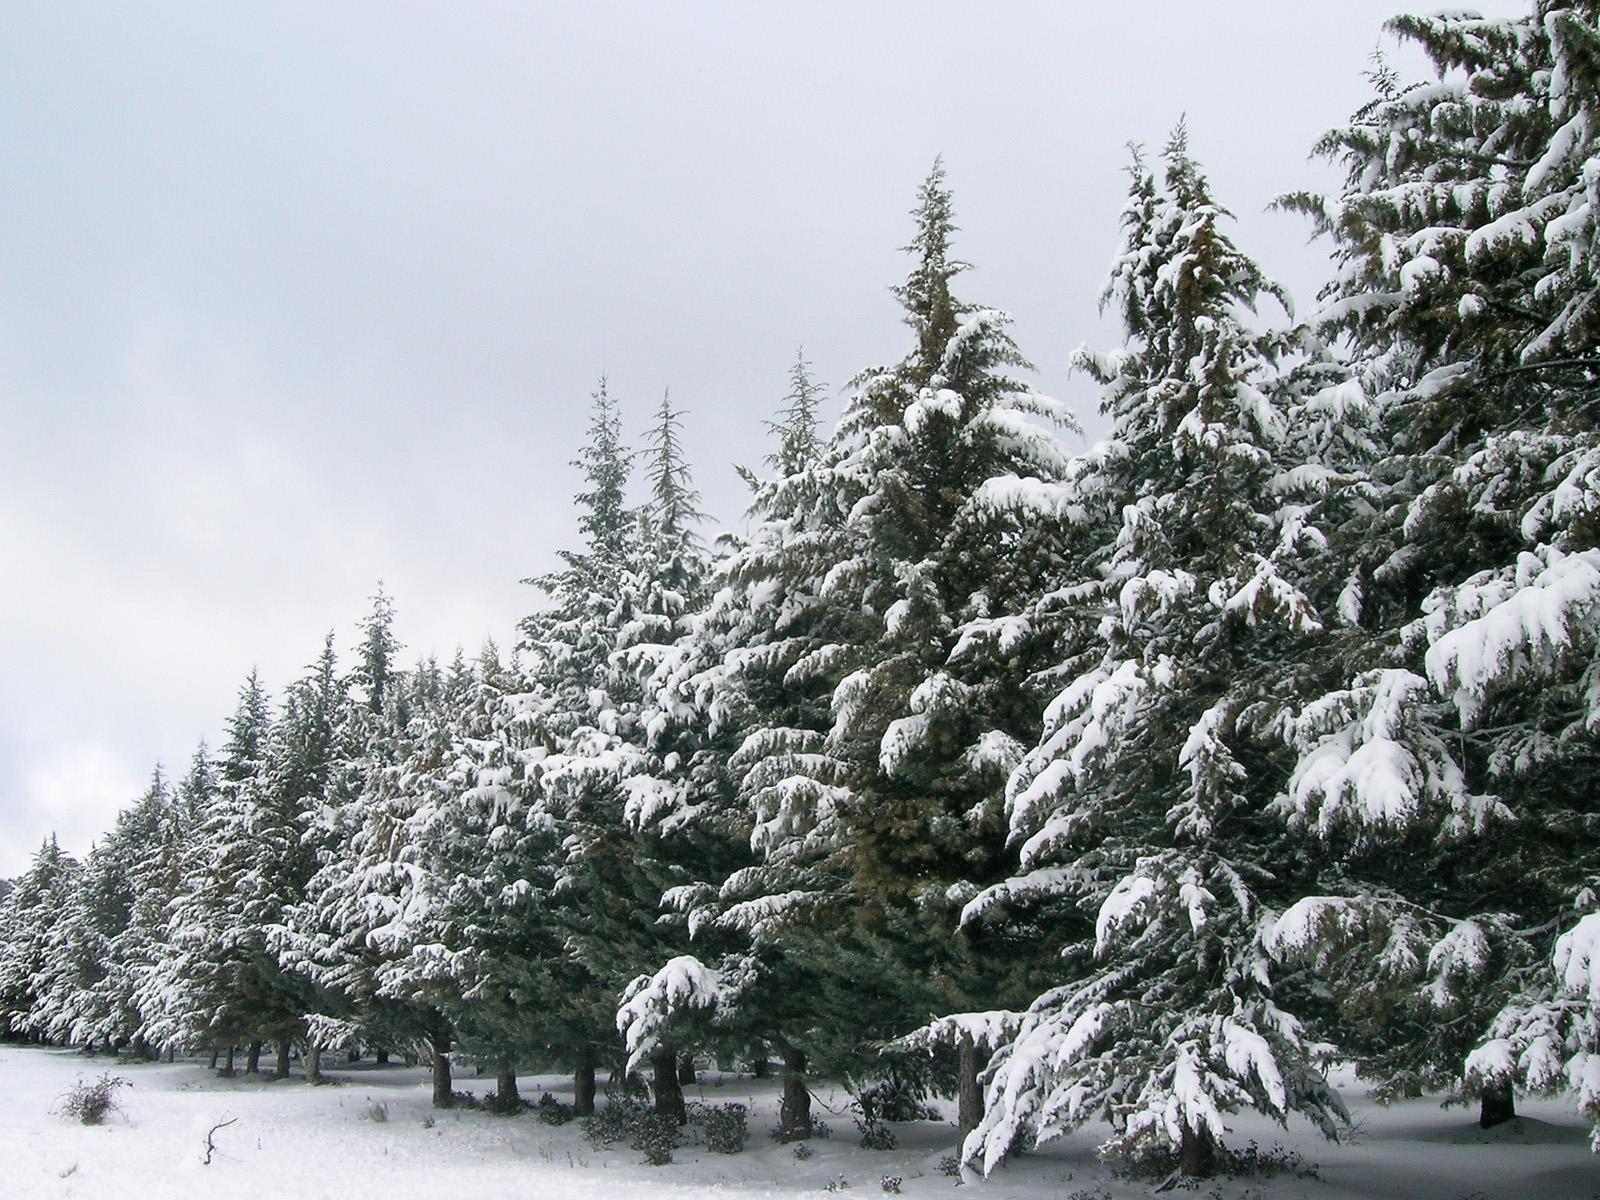 Фото с елью зимой